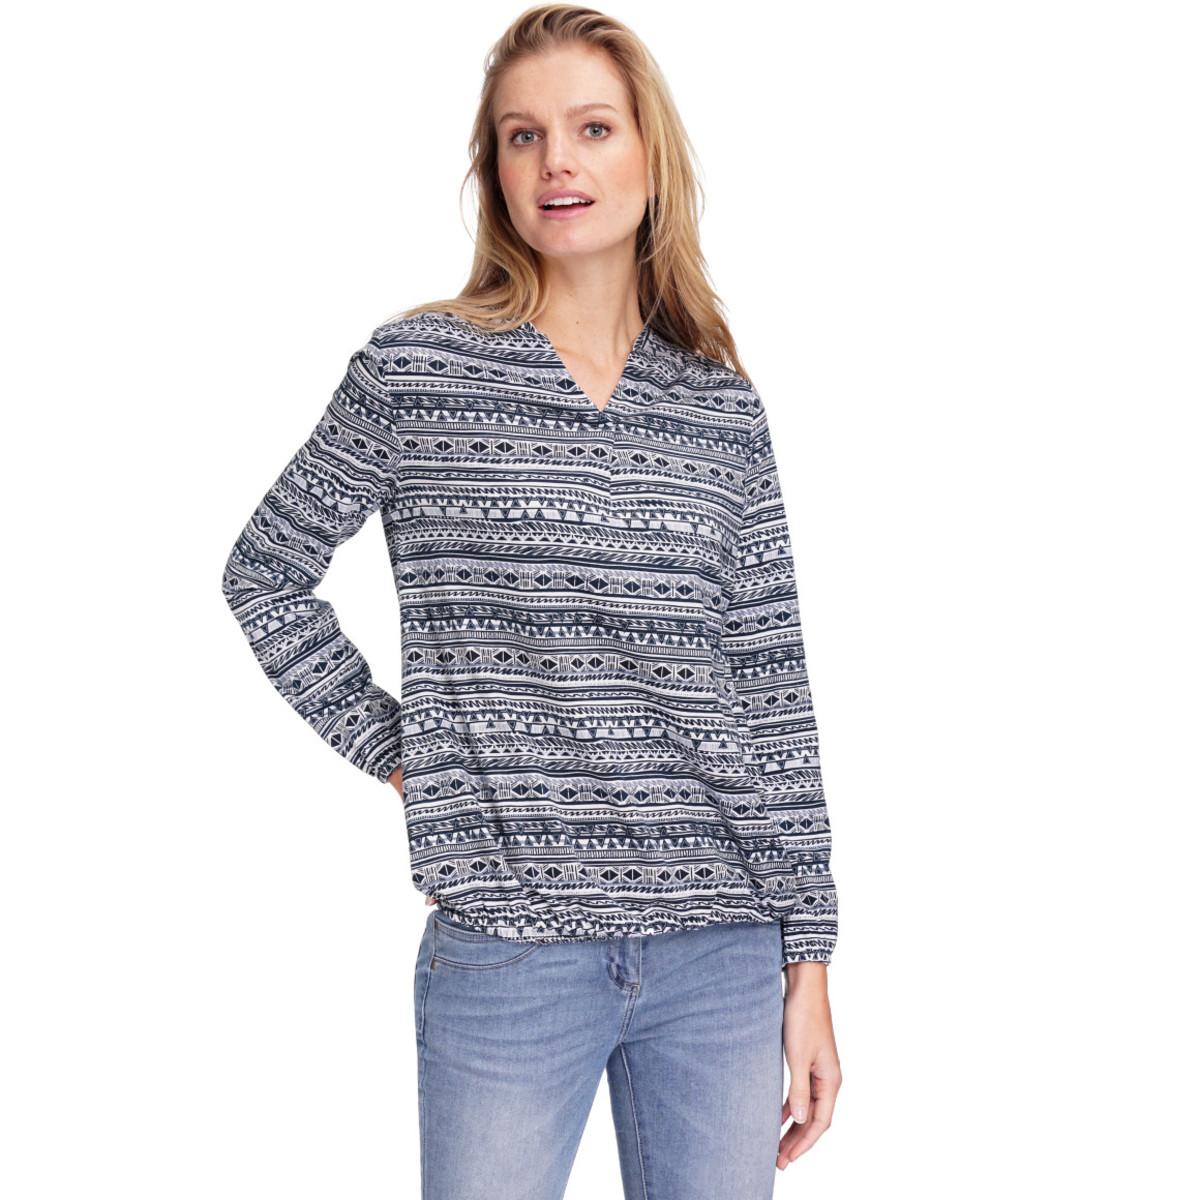 Bild 2 von Damen Langarmshirt mit Allover-Muster